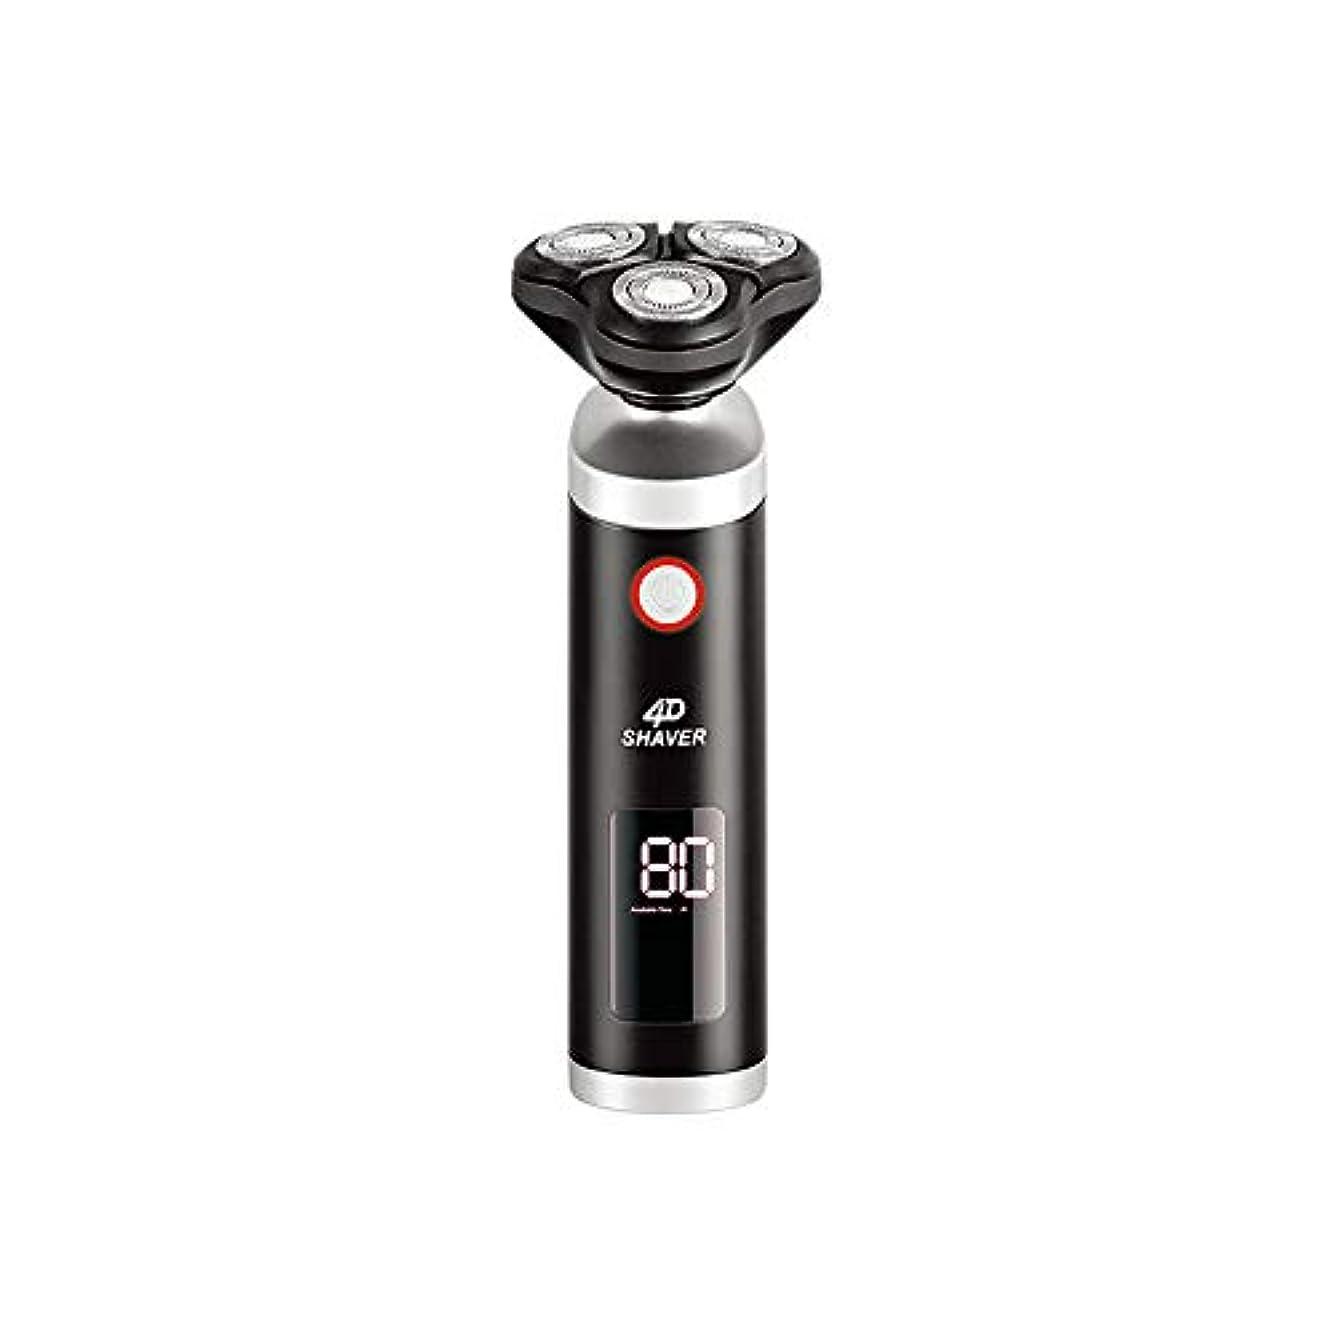 臭いバースト参加するシェーバー、電気かみそり全身洗浄ウェットおよびドライダブルシェービング自動研磨多方向フローティングカッターヘッドインテリジェントLCDスクリーン